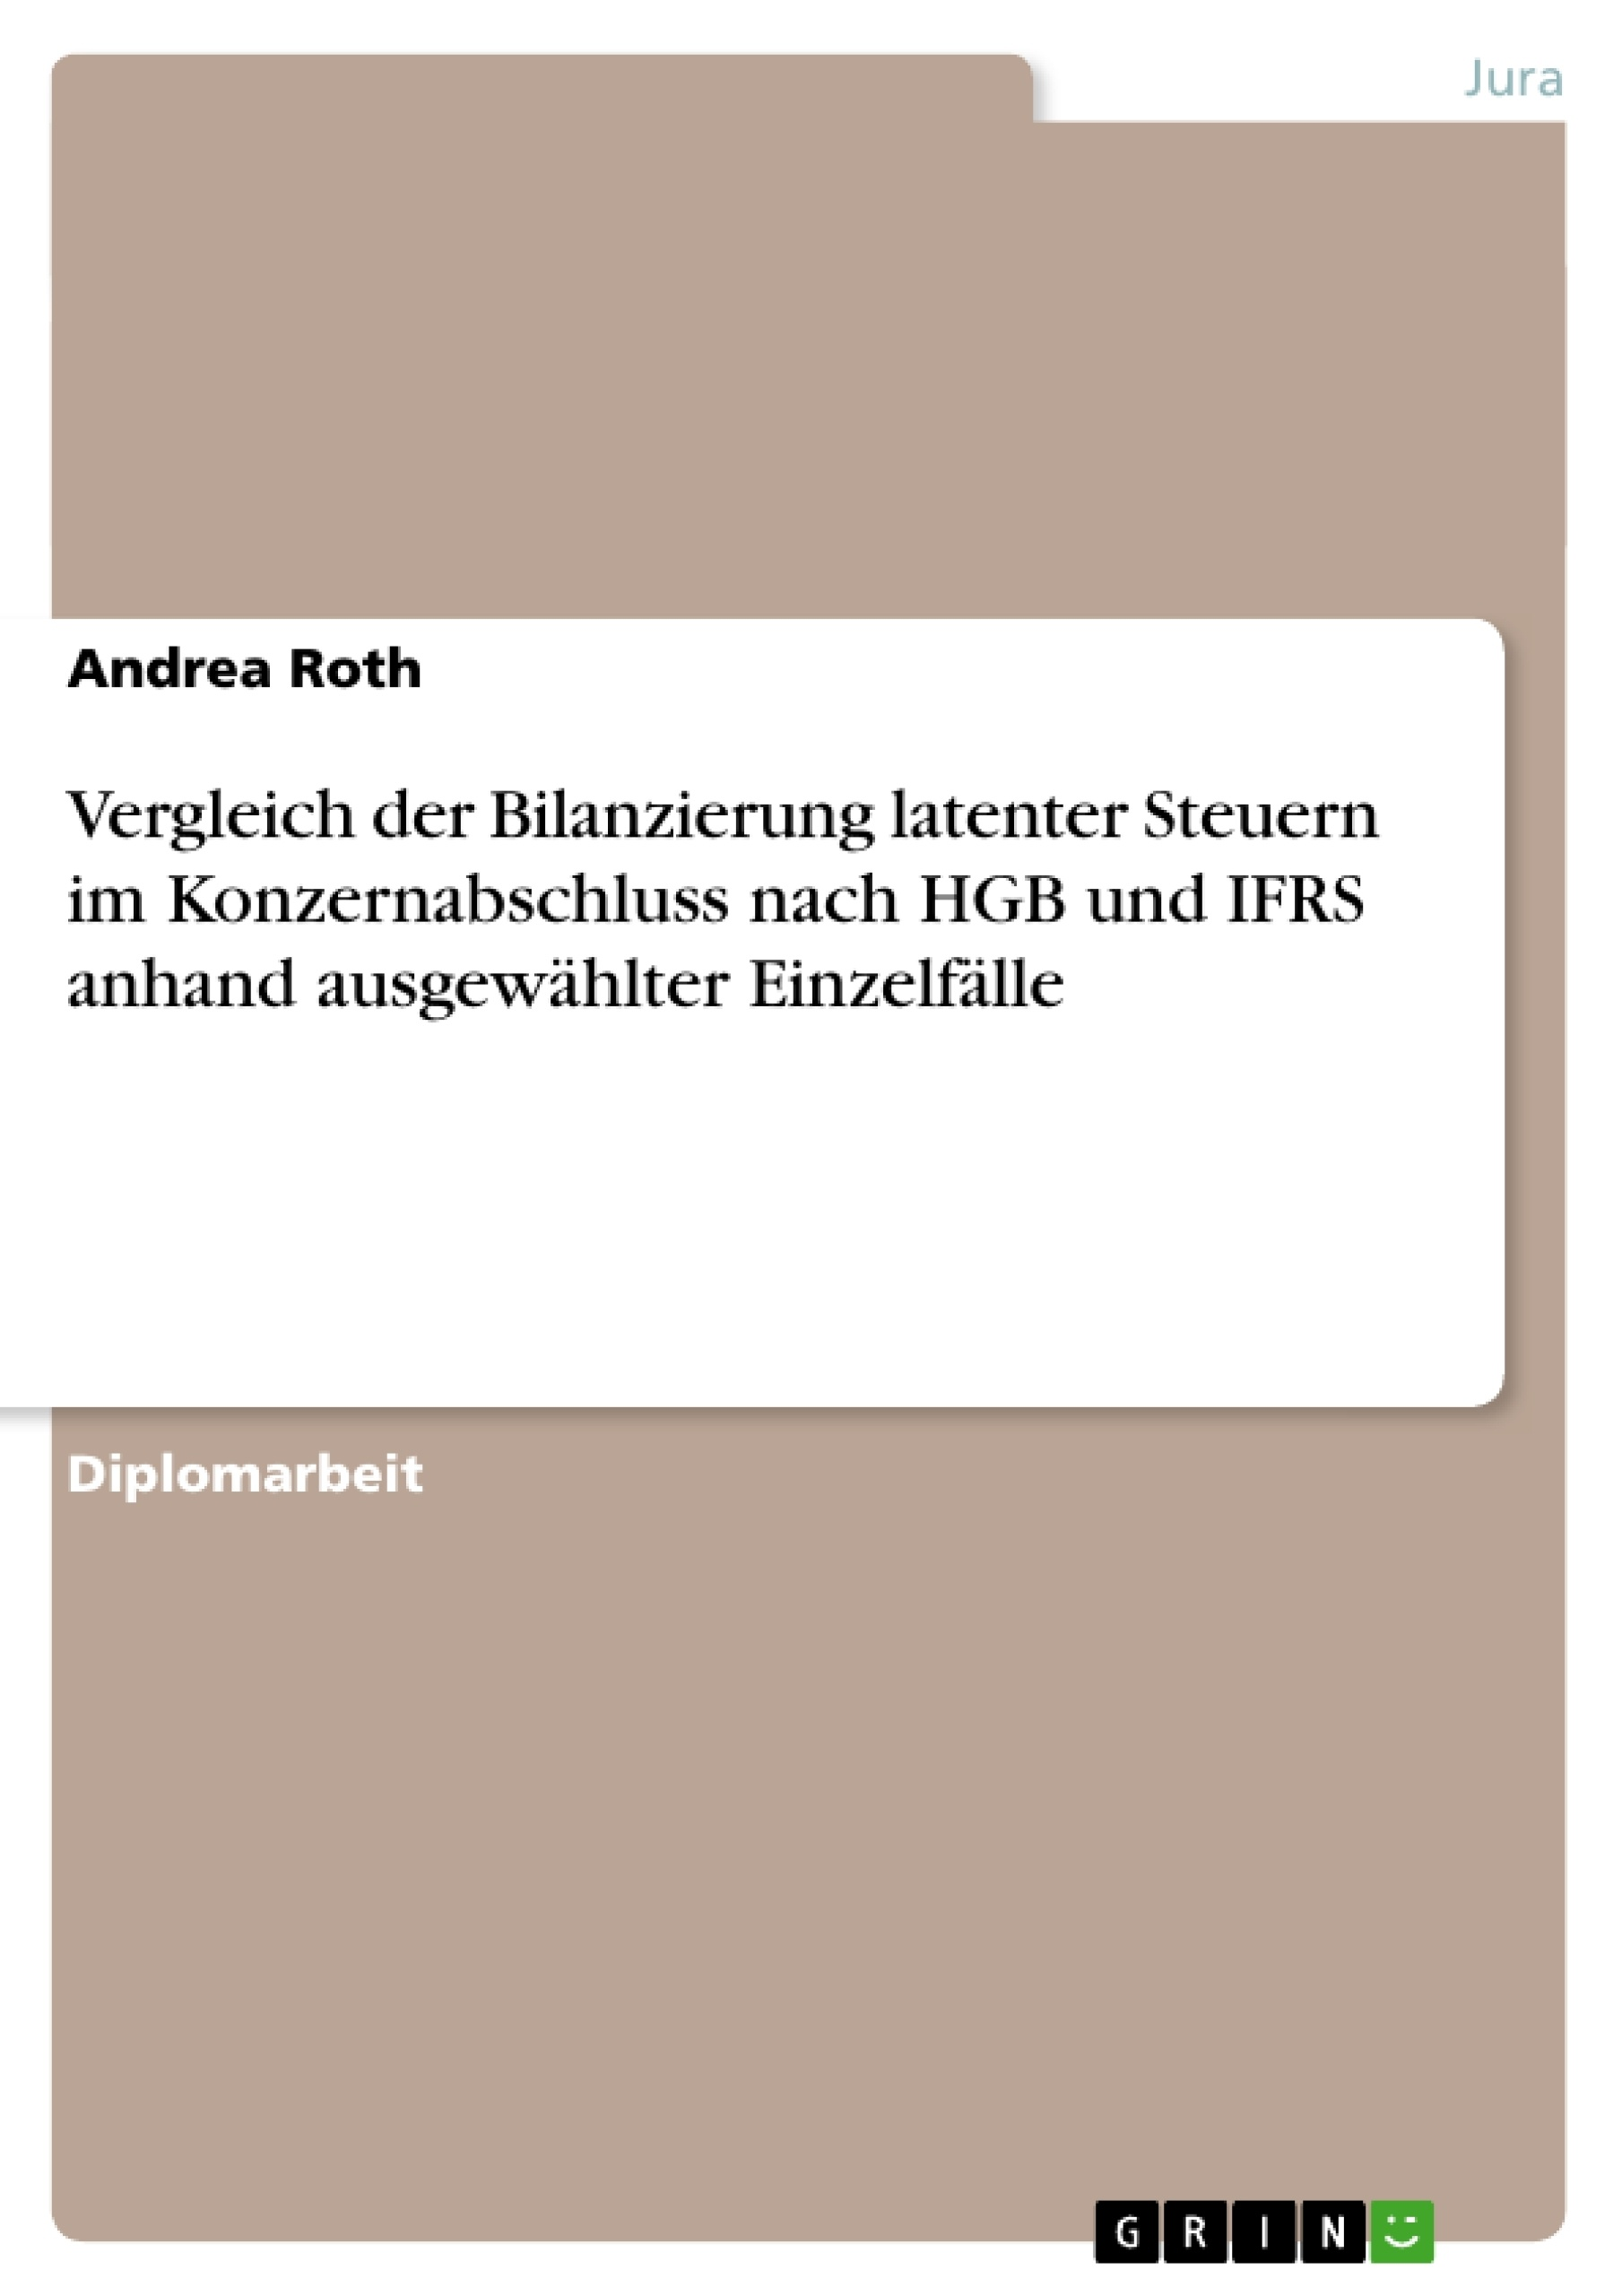 Titel: Vergleich der Bilanzierung latenter Steuern im Konzernabschluss nach HGB und IFRS anhand ausgewählter Einzelfälle